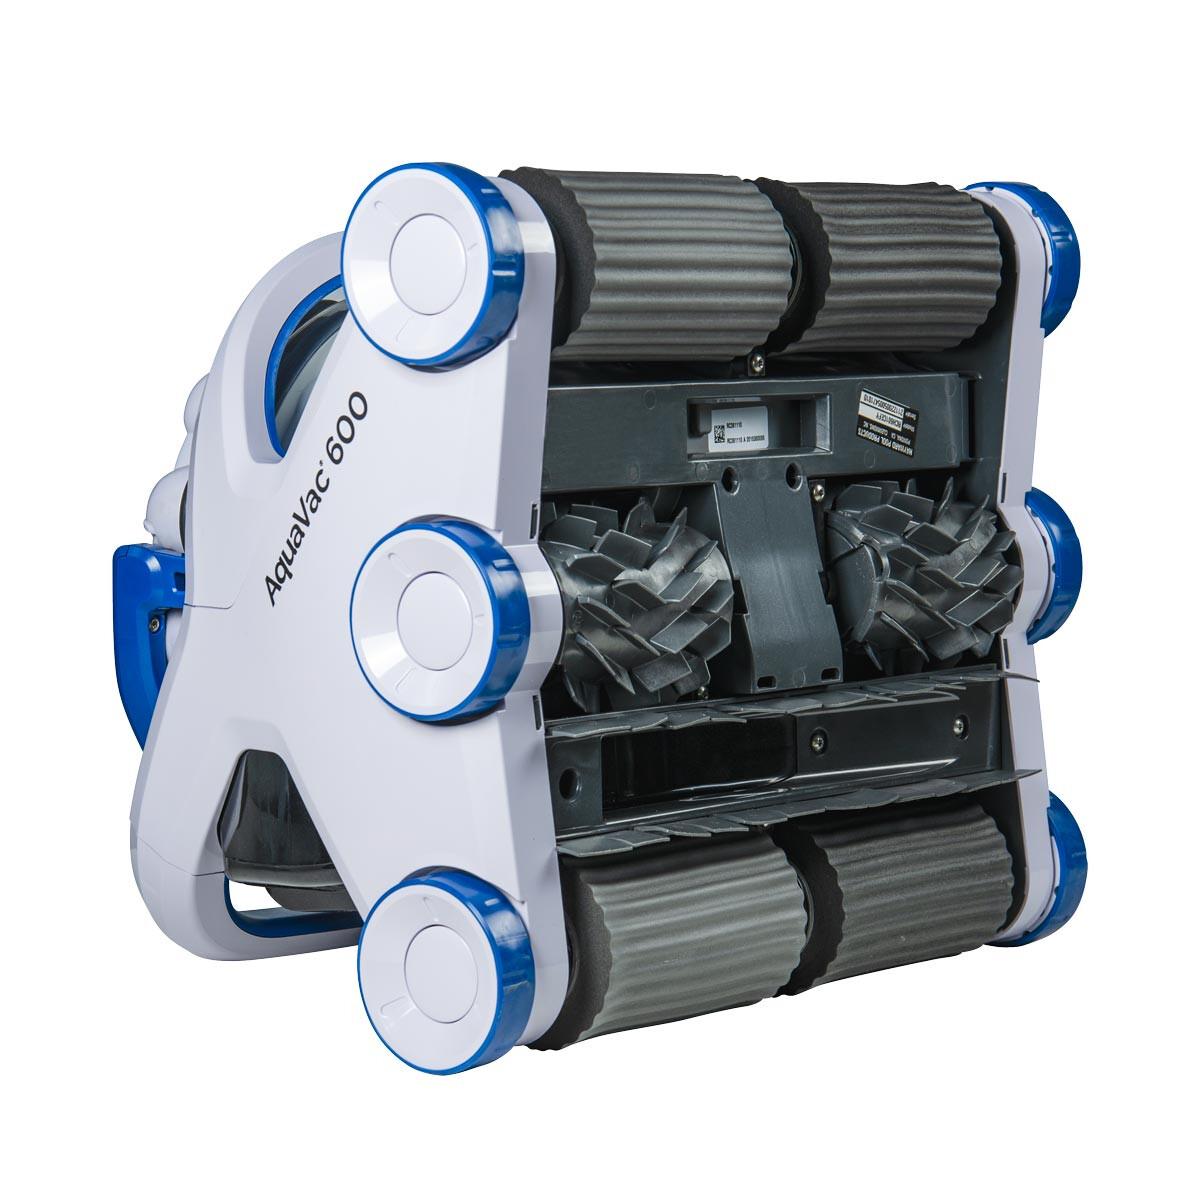 Робот-пылесос Hayward Aquavac 600-2